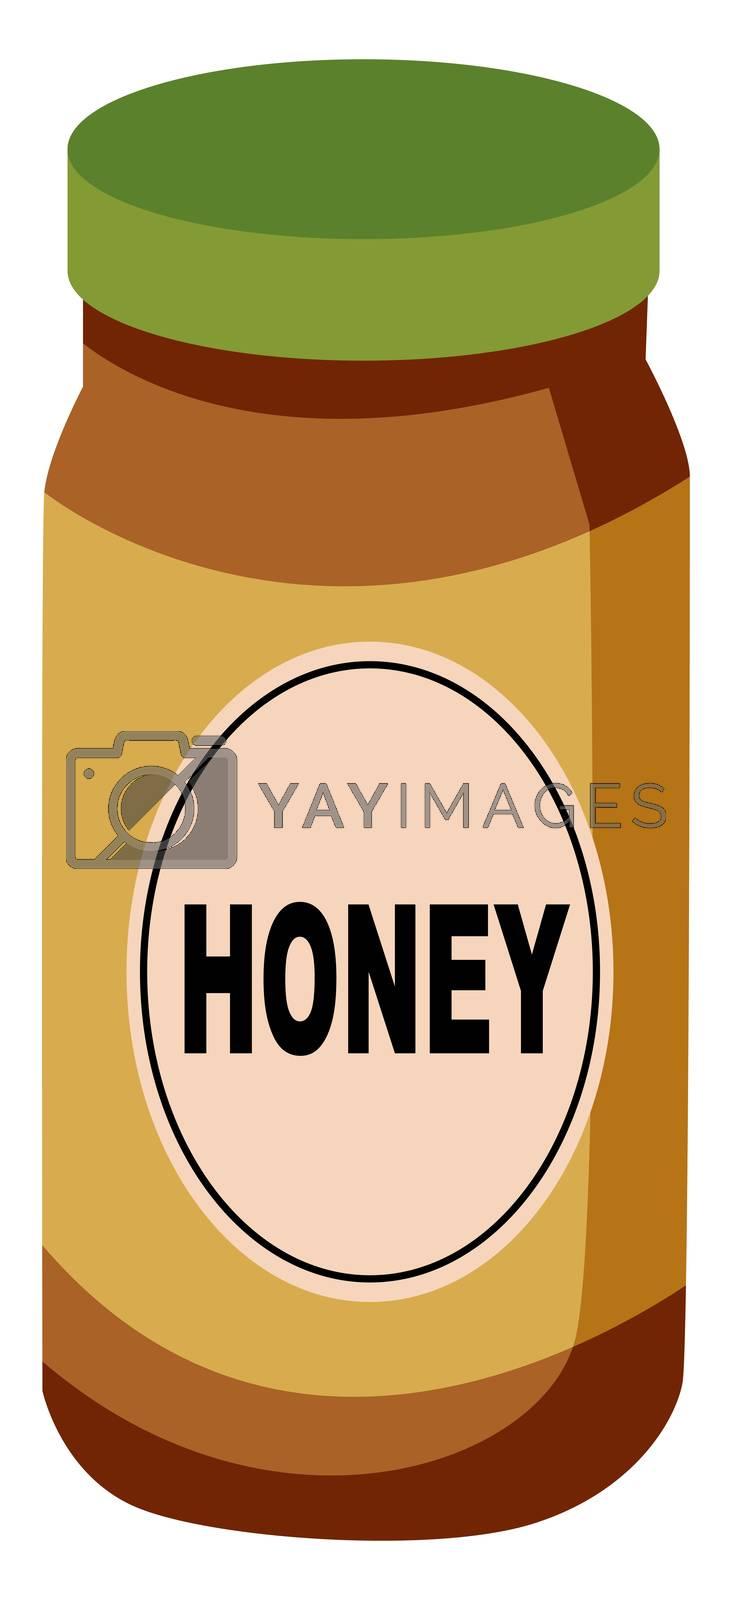 Honey in jar, illustration, vector on white background